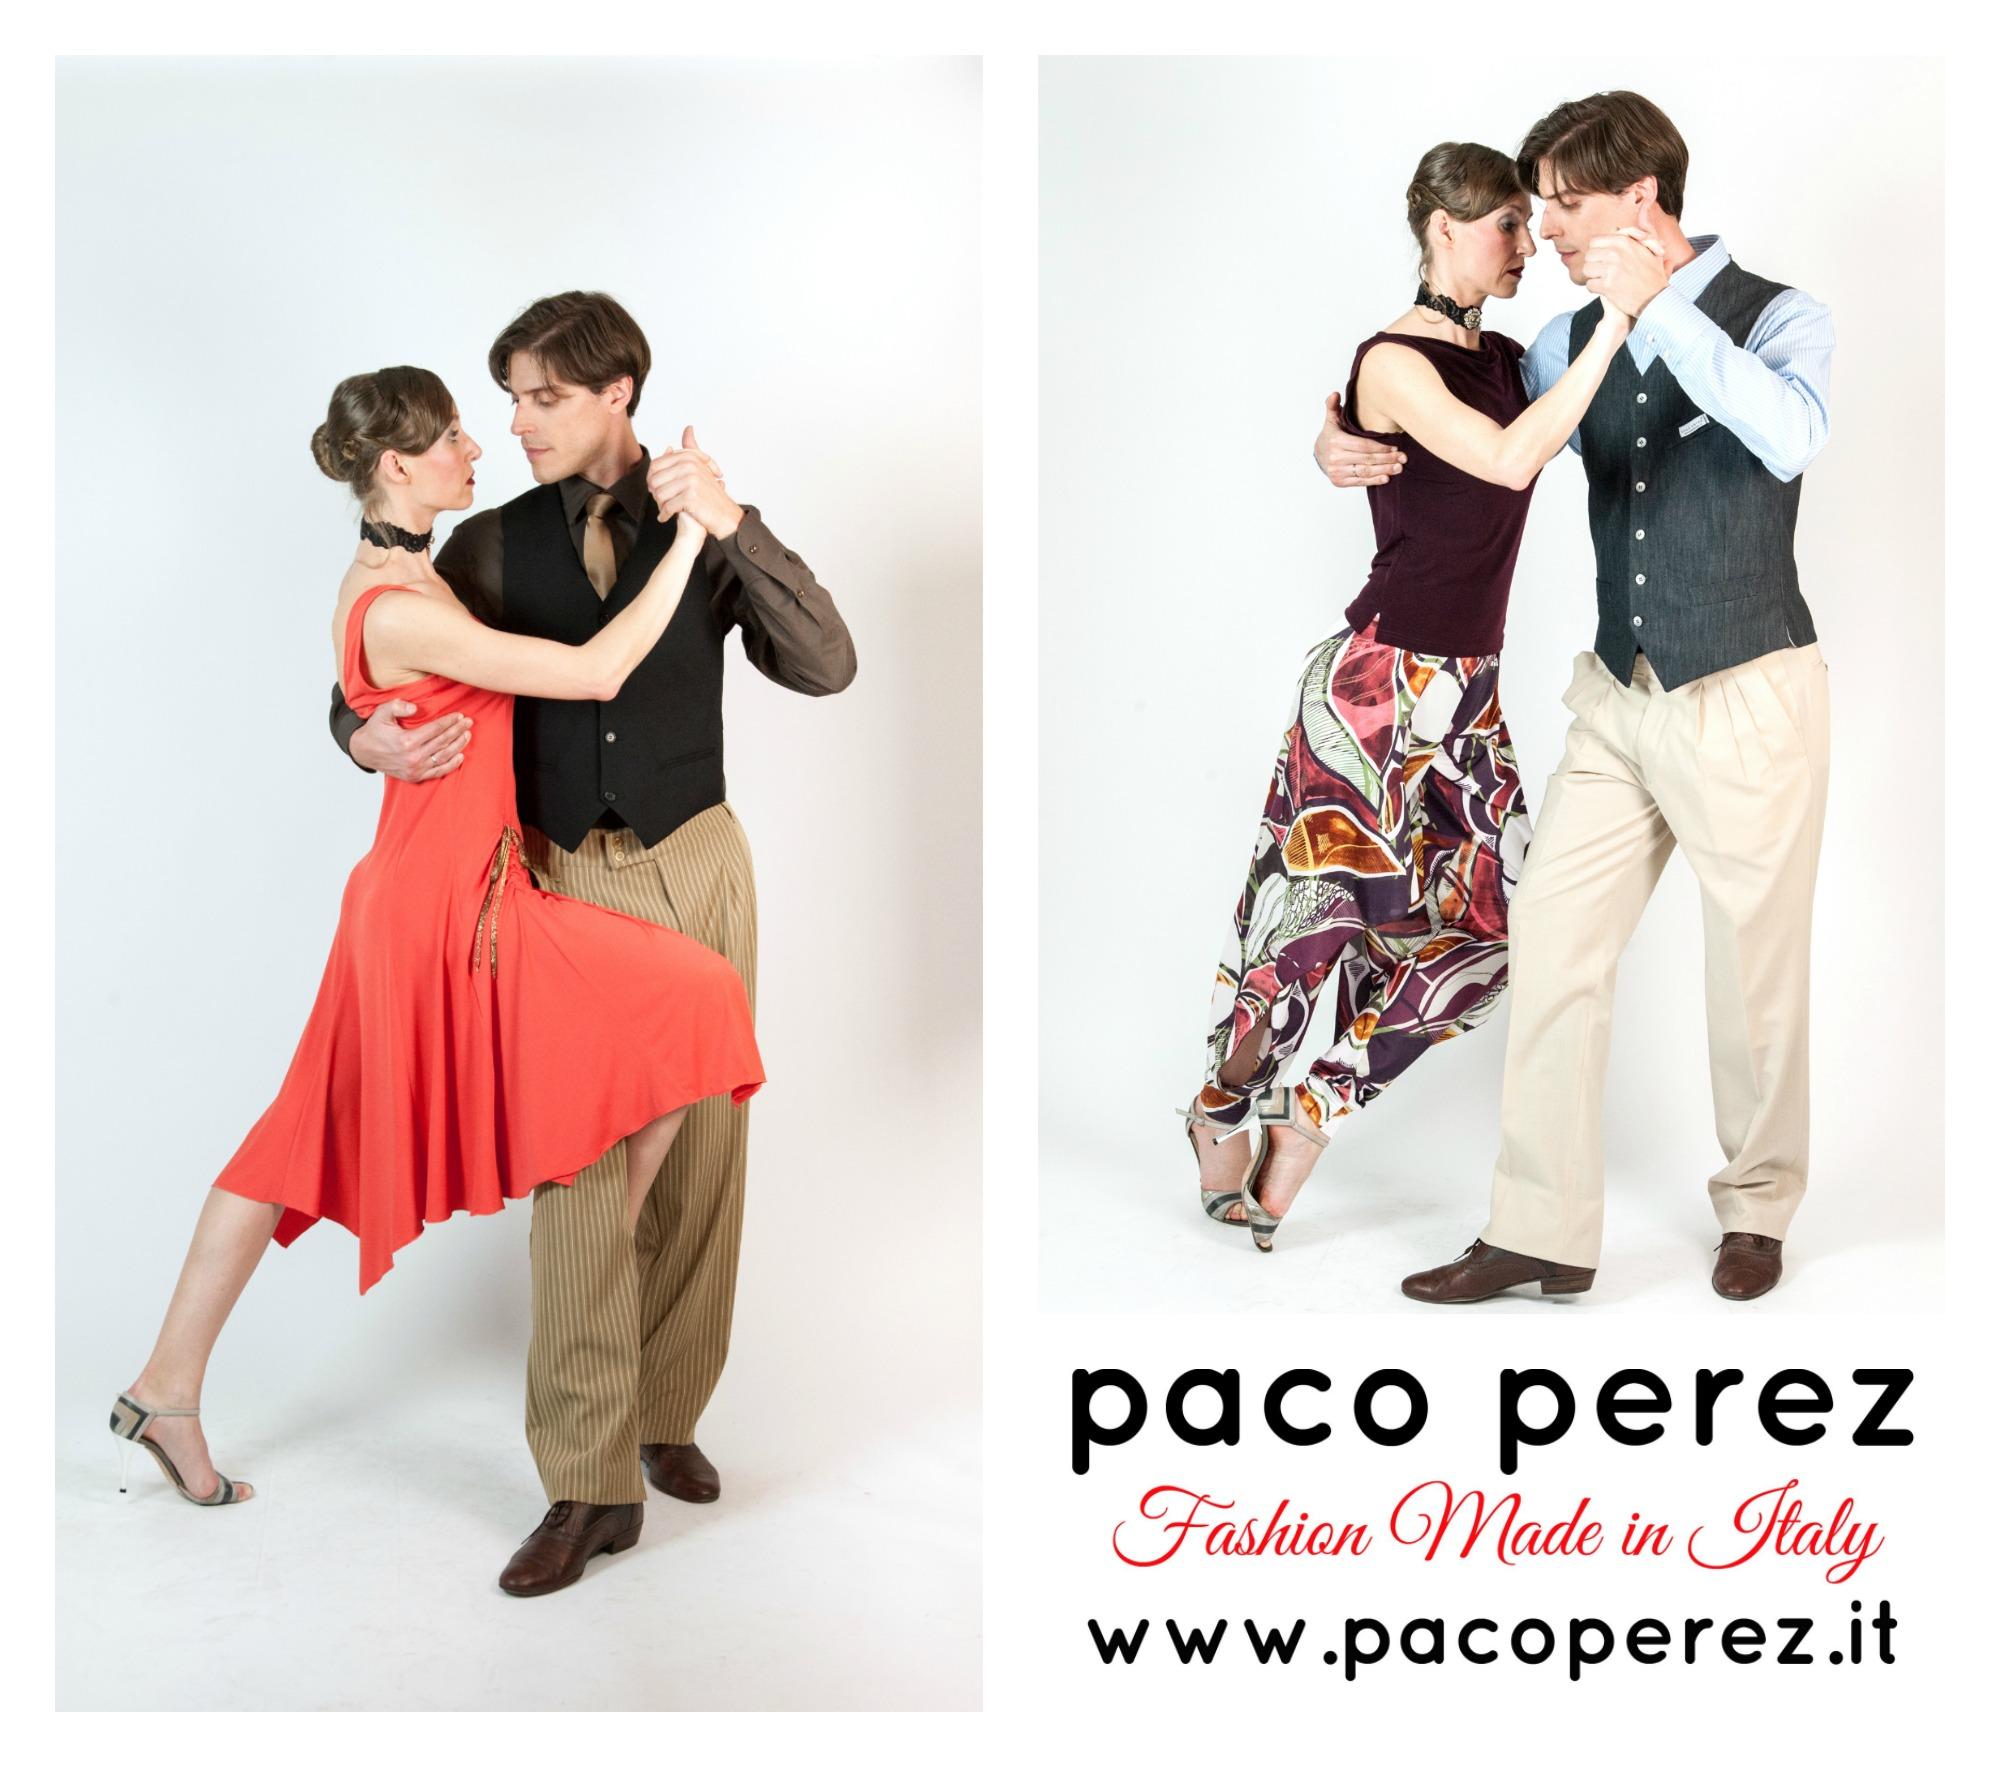 Padova Tango Festival e Moda   Gran Milonga con Solo Tango Orquesta e le  proposte fashion per il ballo Paco Perez per un evento unico. 46954b08d0d